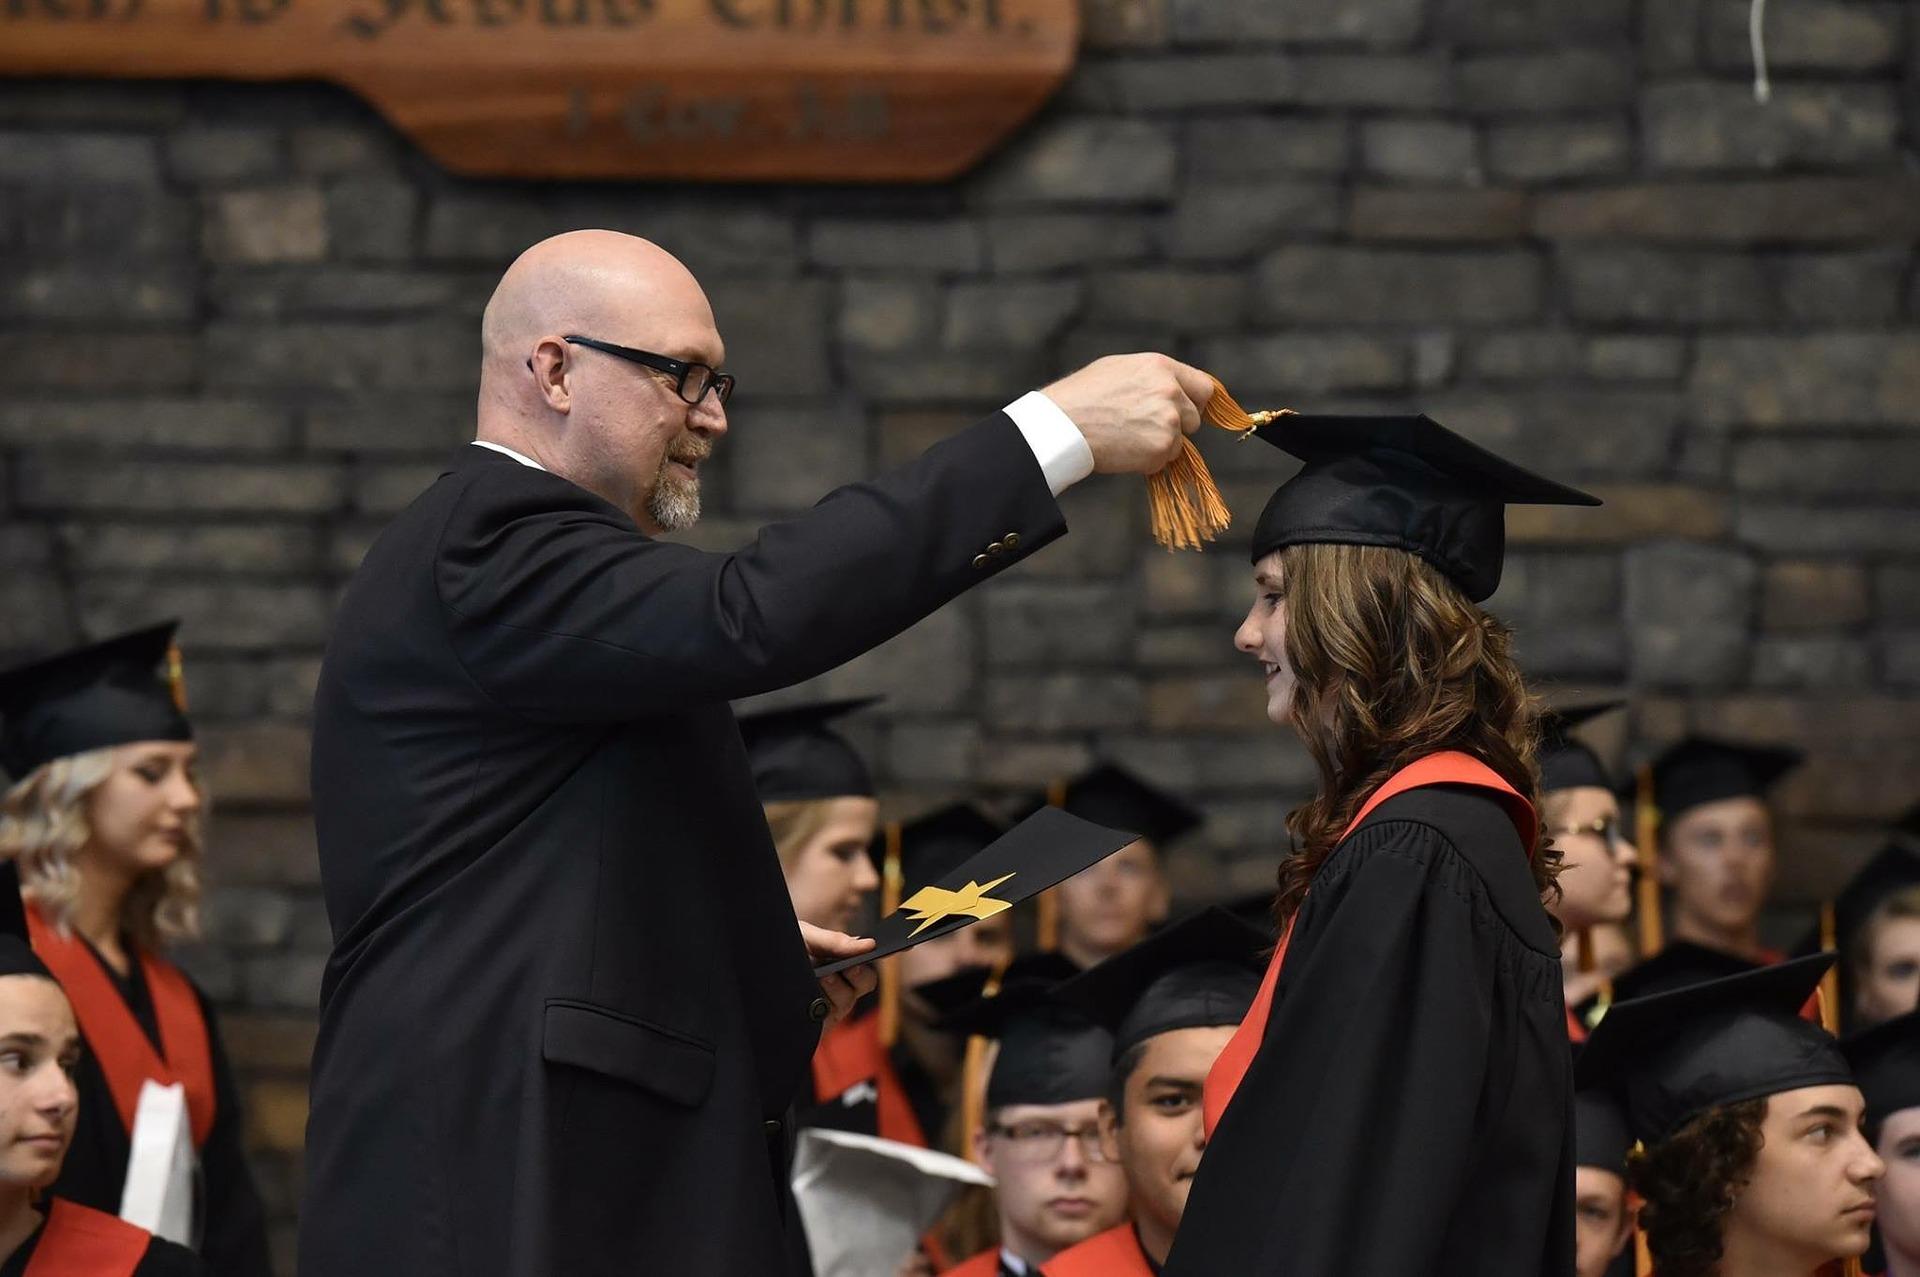 Eine Abschlusszeremonie, bei der ein Dozent der Studentin ihr Abschlusszeugnis überreicht.